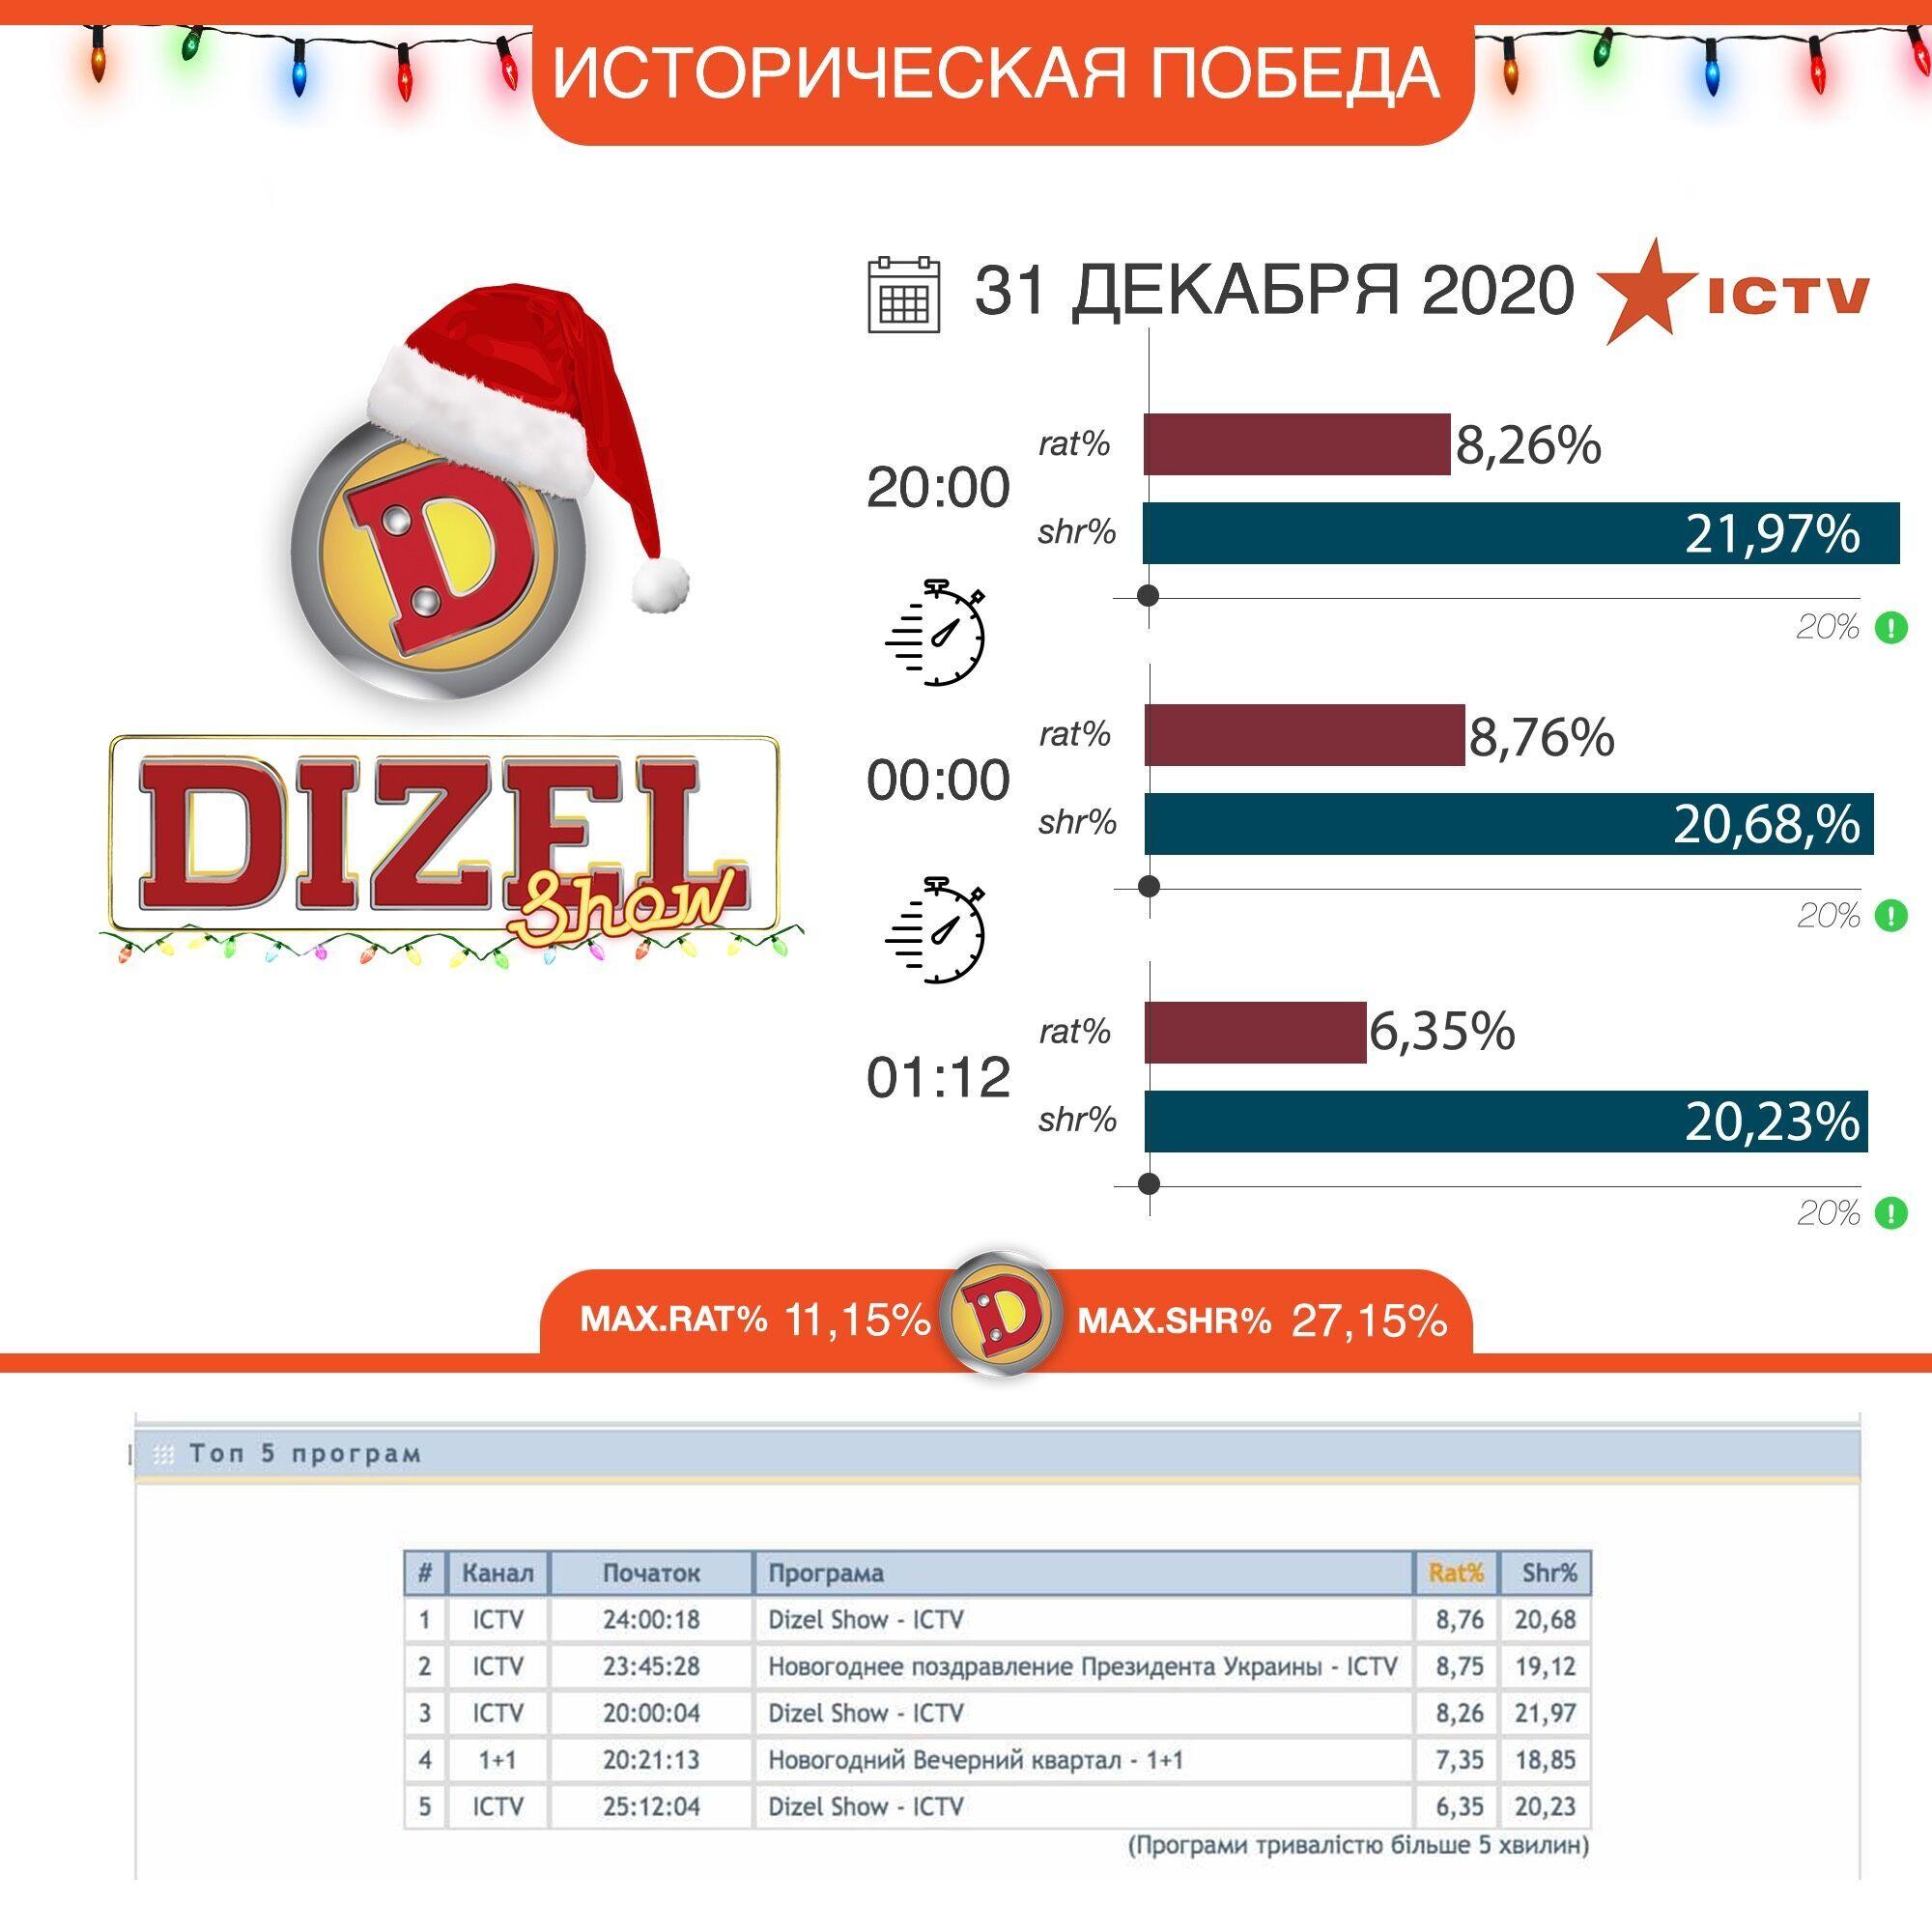 """""""Дизель шоу"""" получили в новогоднюю ночь наивысший рейтинг"""